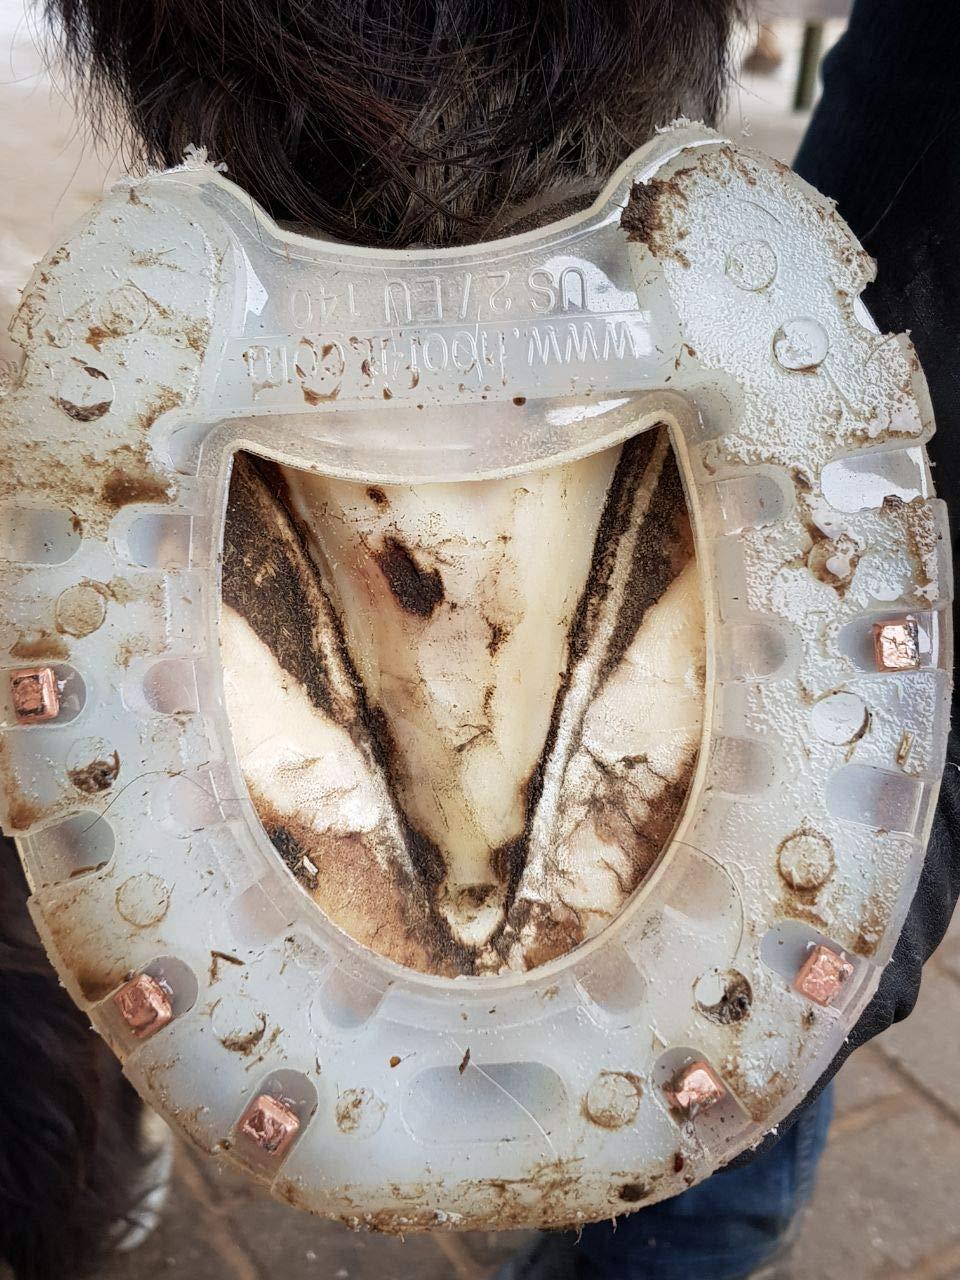 HOOF-IT Plastic Horseshoes - Natural Flex Horseshoe US Size 8-12 by HOOF-IT